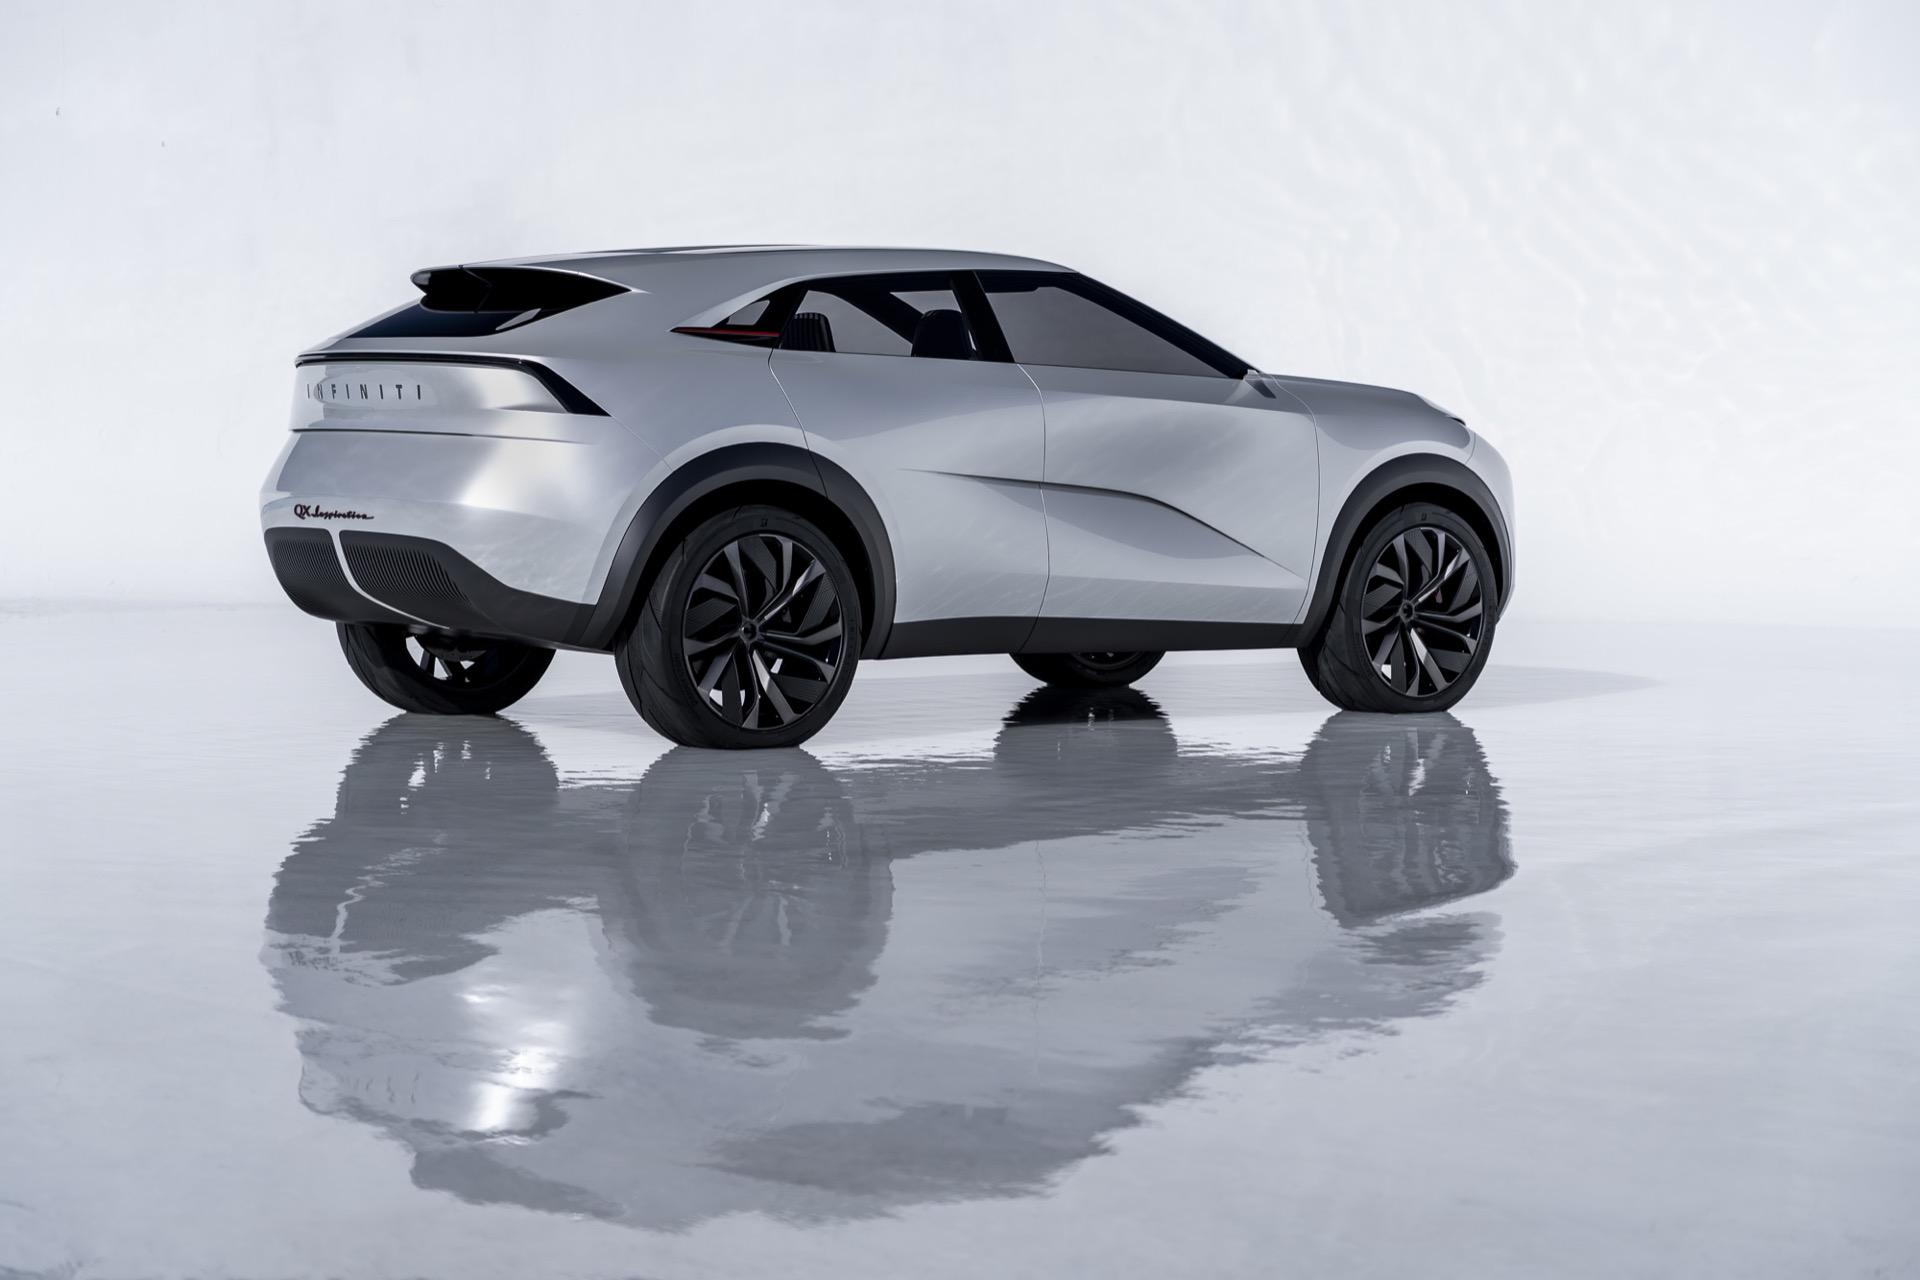 infiniti-qx-inspiration-concept--2019-detroit-auto-show_100687800_h.jpeg